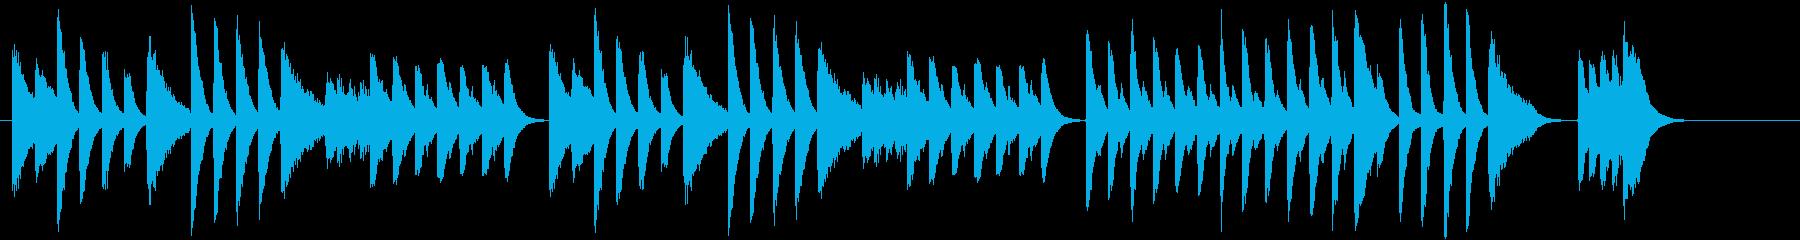 童謡・虫のこえモチーフのピアノジングルAの再生済みの波形